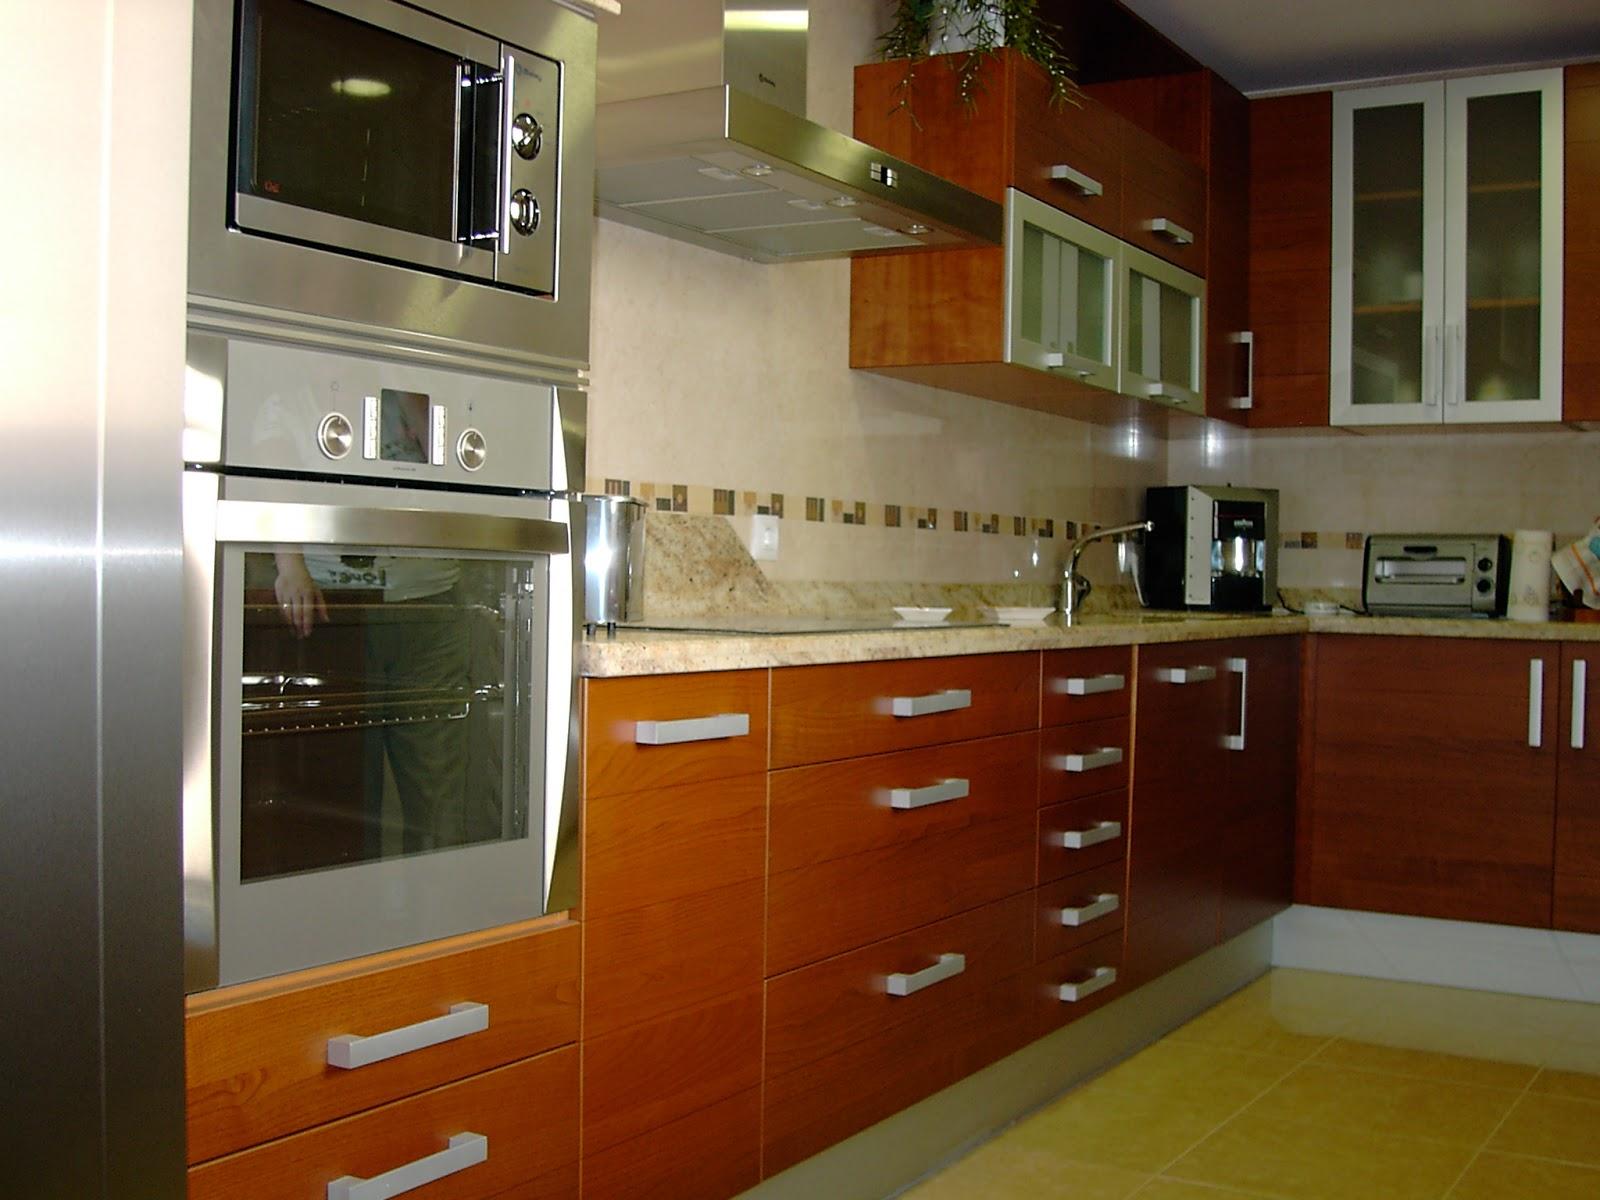 Carpinteria los molinos fotos cocinas for Reforma cocina barata